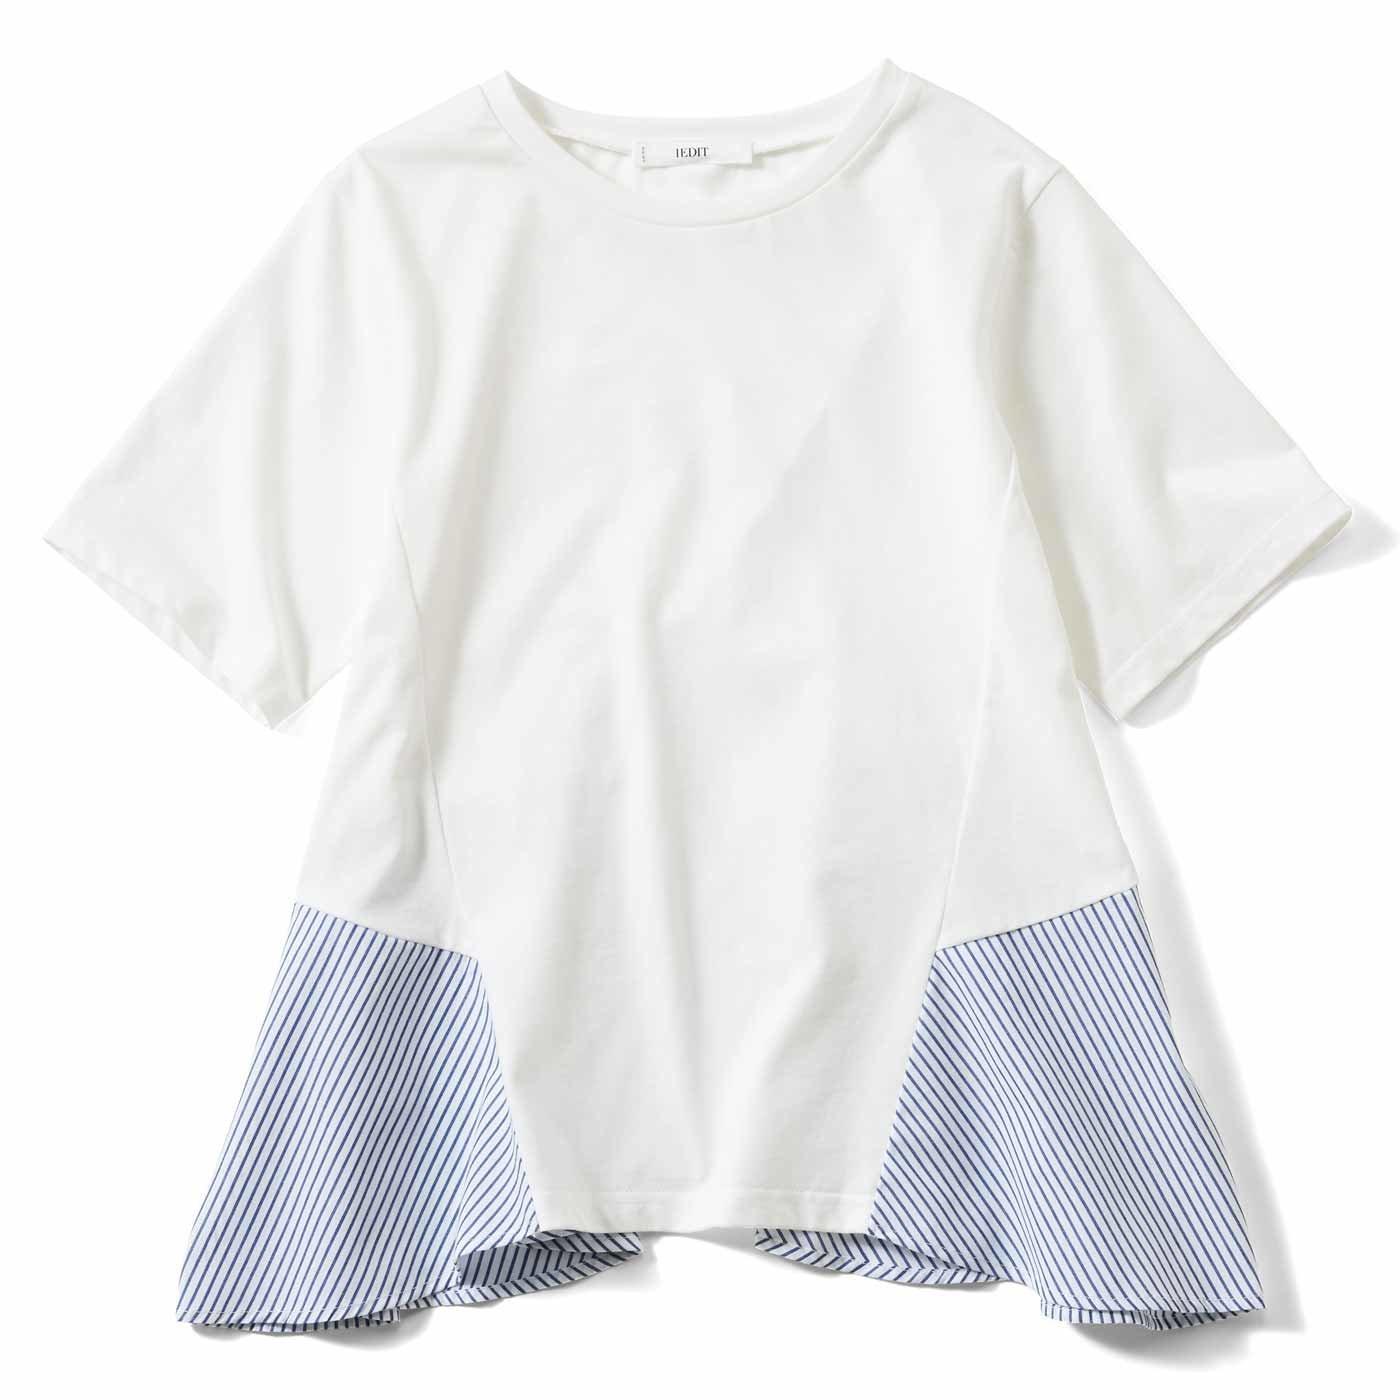 IEDIT[イディット] 抗菌防臭カットソー素材のストライプ布はく切り替えバックフレアートップス〈ホワイト〉